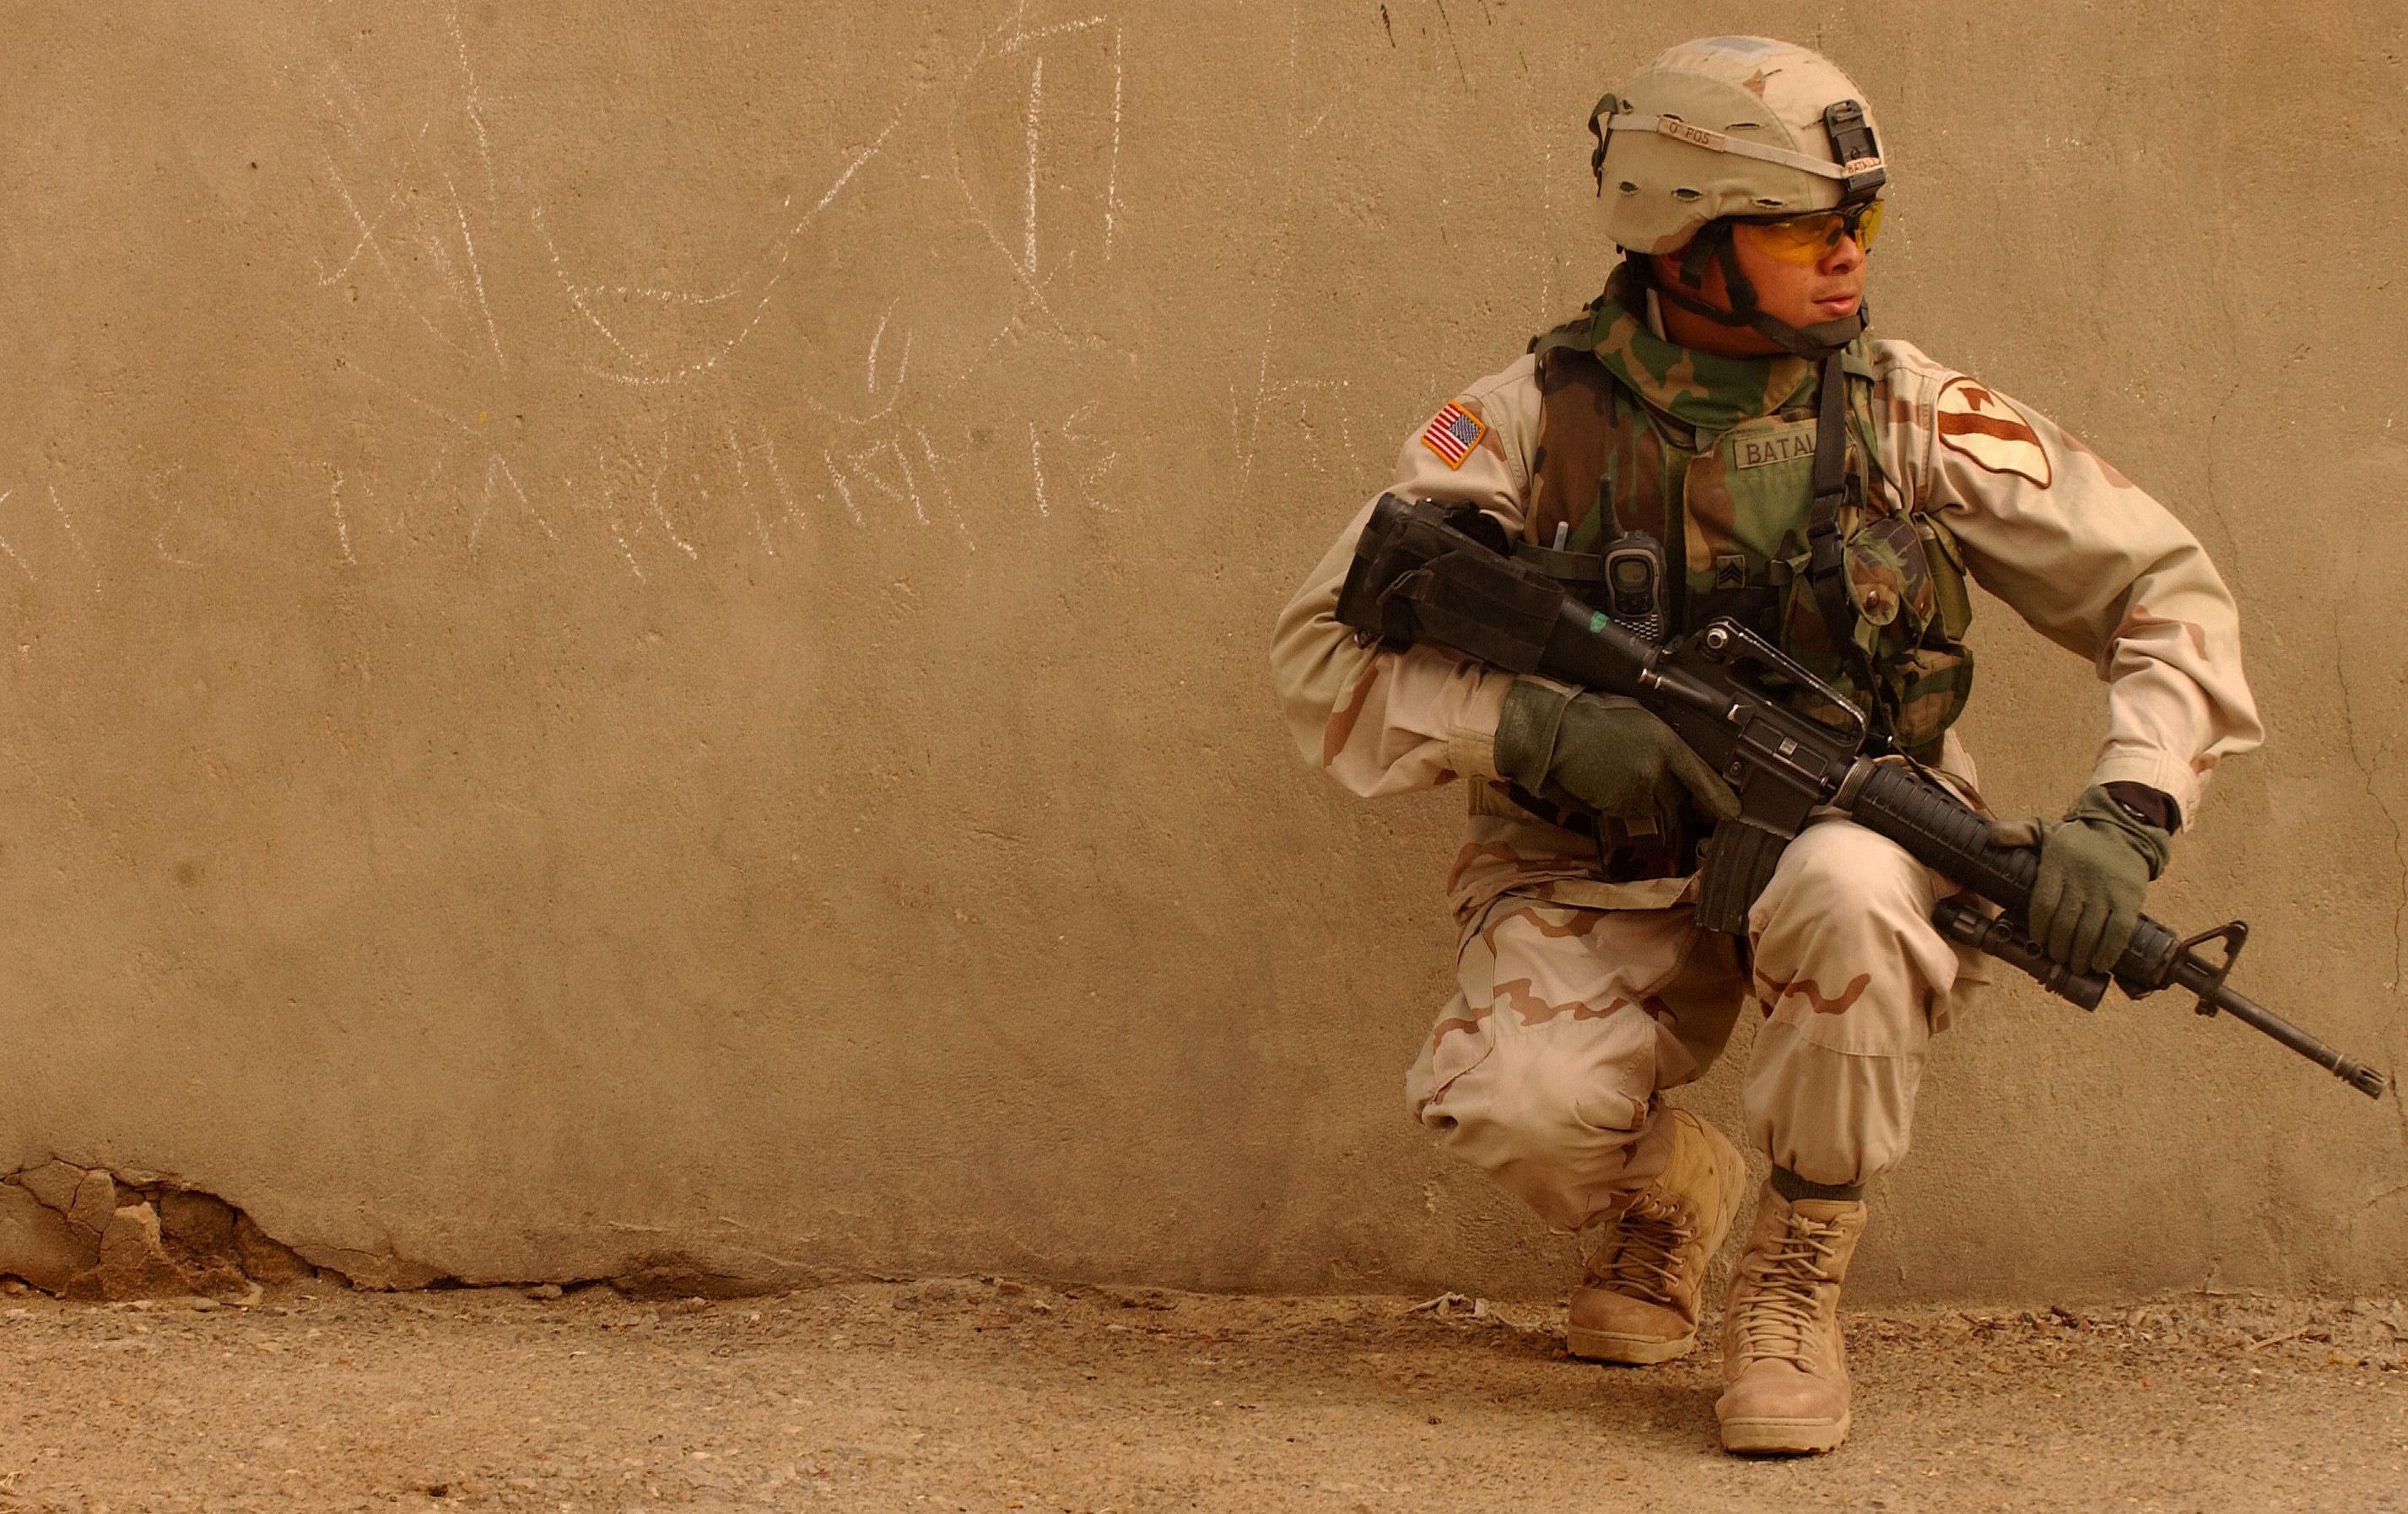 Soldado Americano - 2854x1794